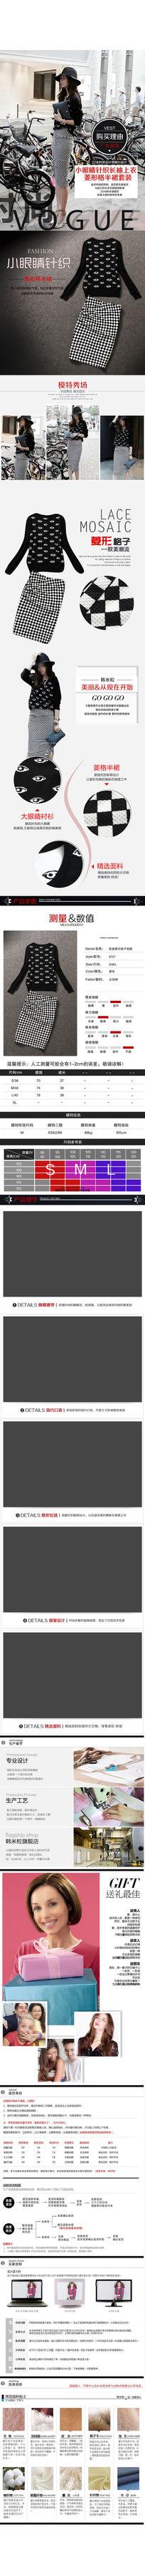 天猫淘宝女装毛衣套装PSD产品宝贝描述详情页